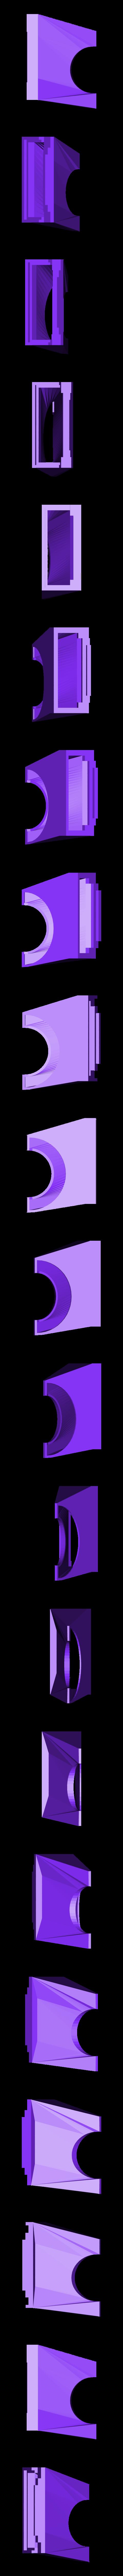 Nozzle_B_Single_2.stl Télécharger fichier STL gratuit Zmorph 2.0 (S) Système de refroidissement • Modèle pour impression 3D, kpawel